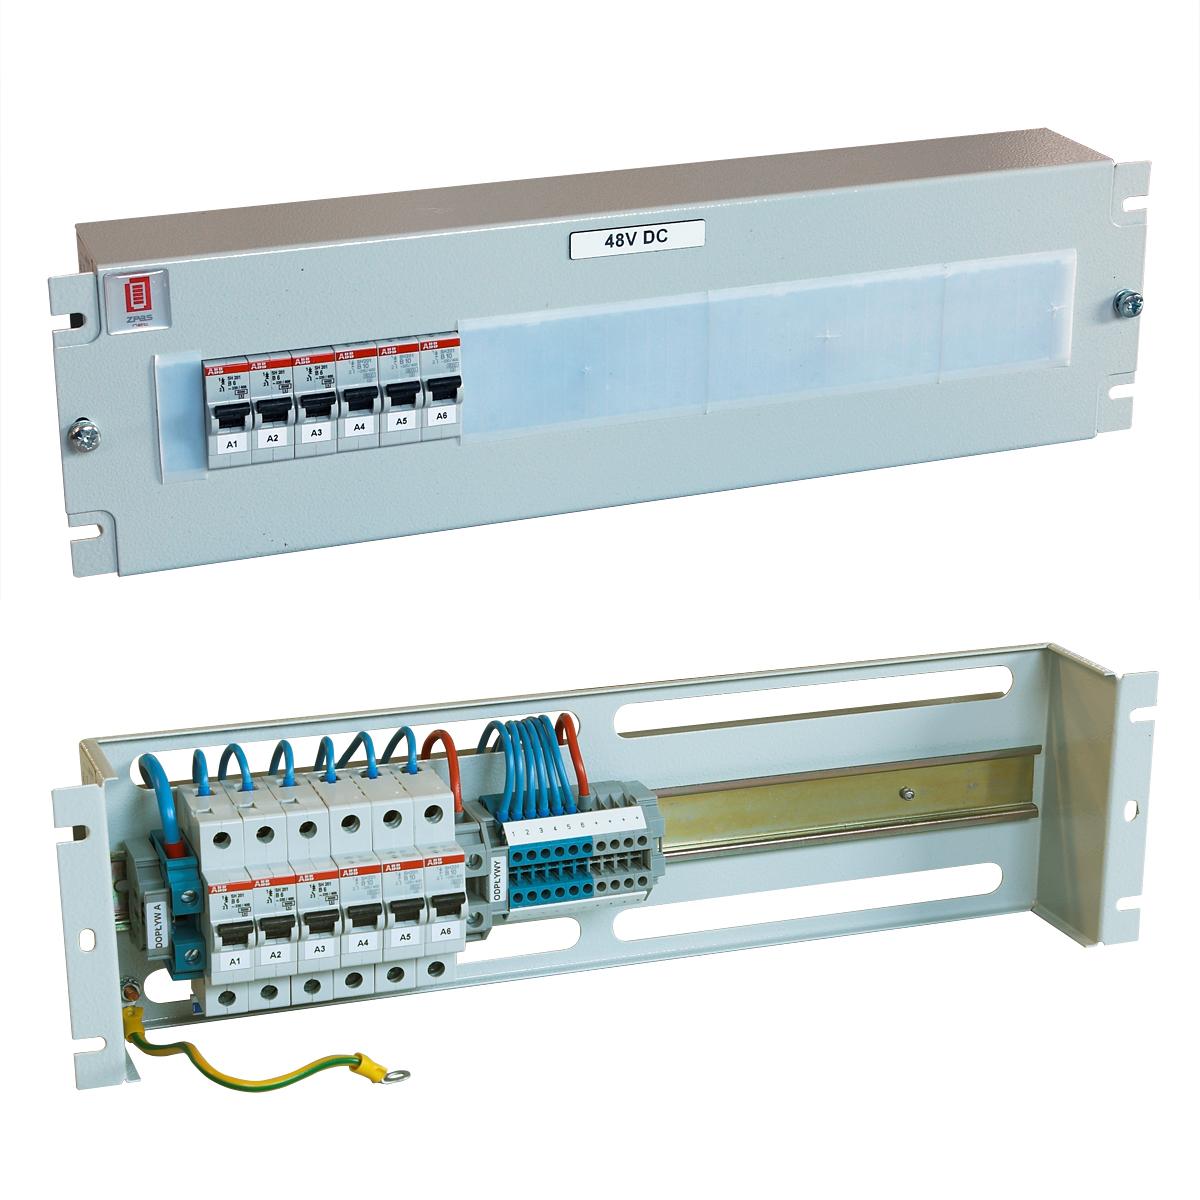 Jističový panel 48 V DC, 3x6 A, 3x10 A